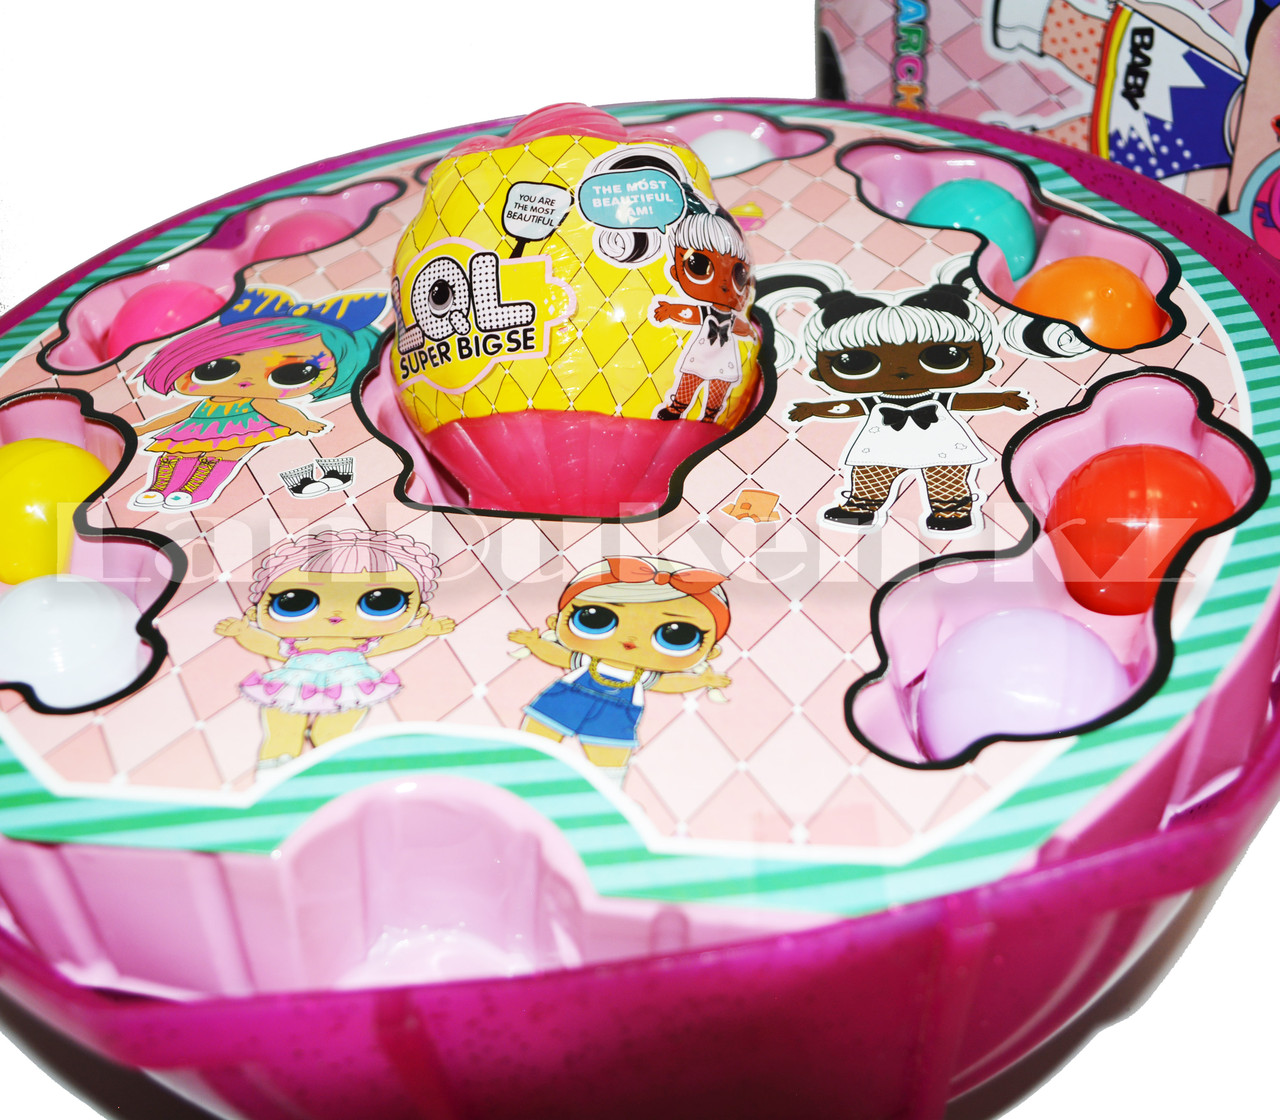 Большой шар сюрприз Big Lol Surprise кукла лол и аксессуары 45+ (series 38) в ассортименте - фото 3